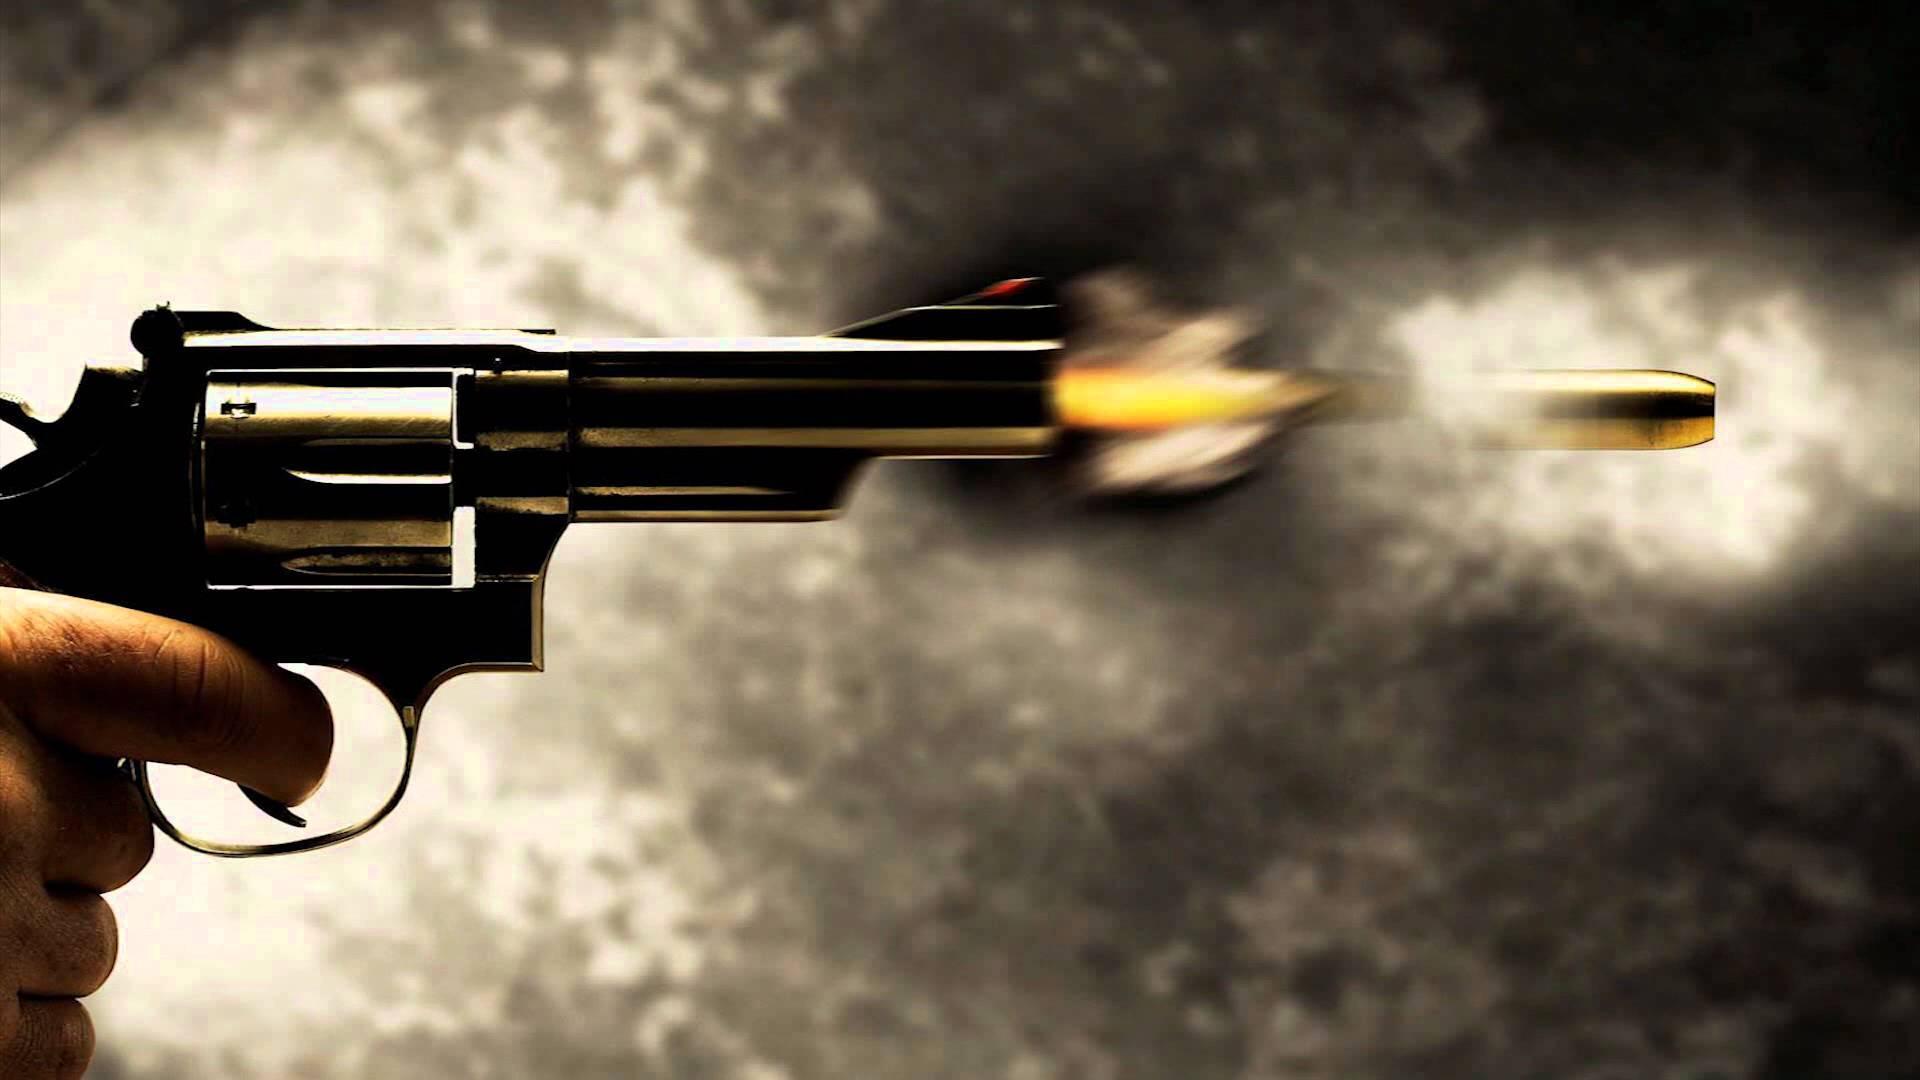 Dueño de tienda de víveres mata a dos ladrones que le robaron varias veces